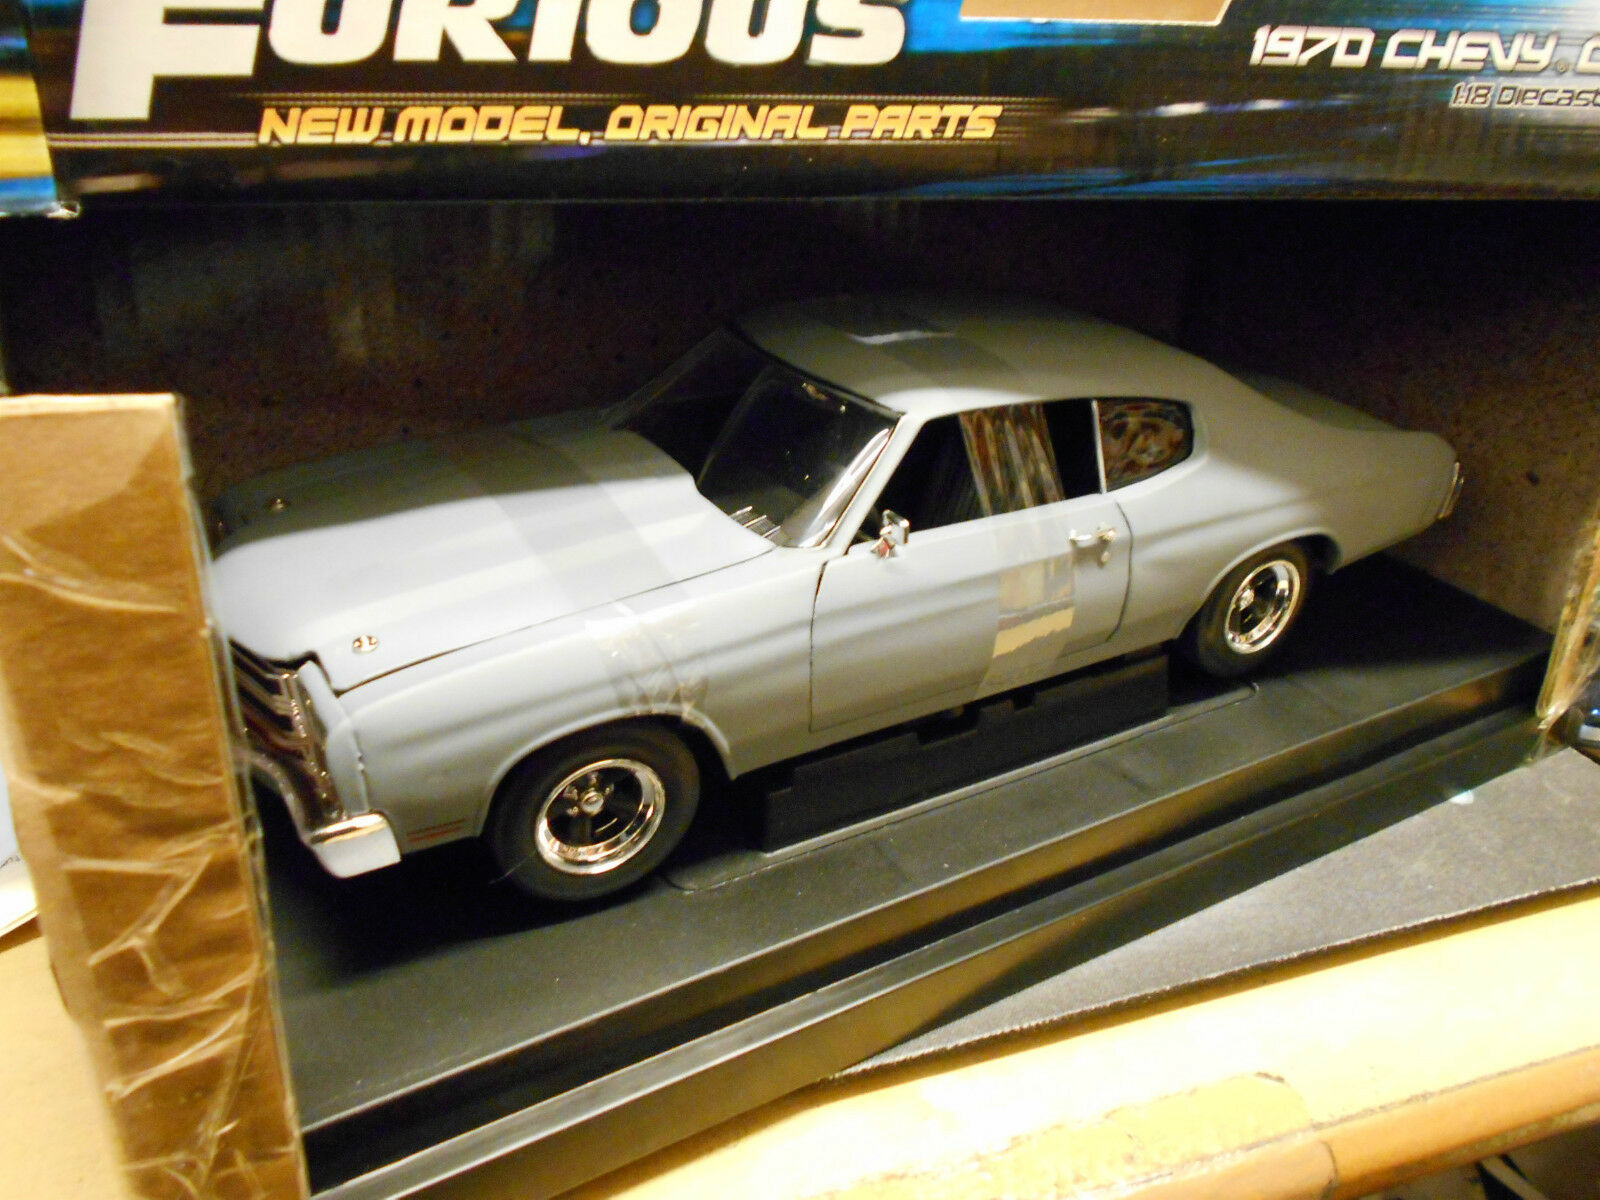 CHEVROLET Chevy Chevelle SS 1970 Fast & Furious grau gr V8 Muscle Car ERTL 1 18